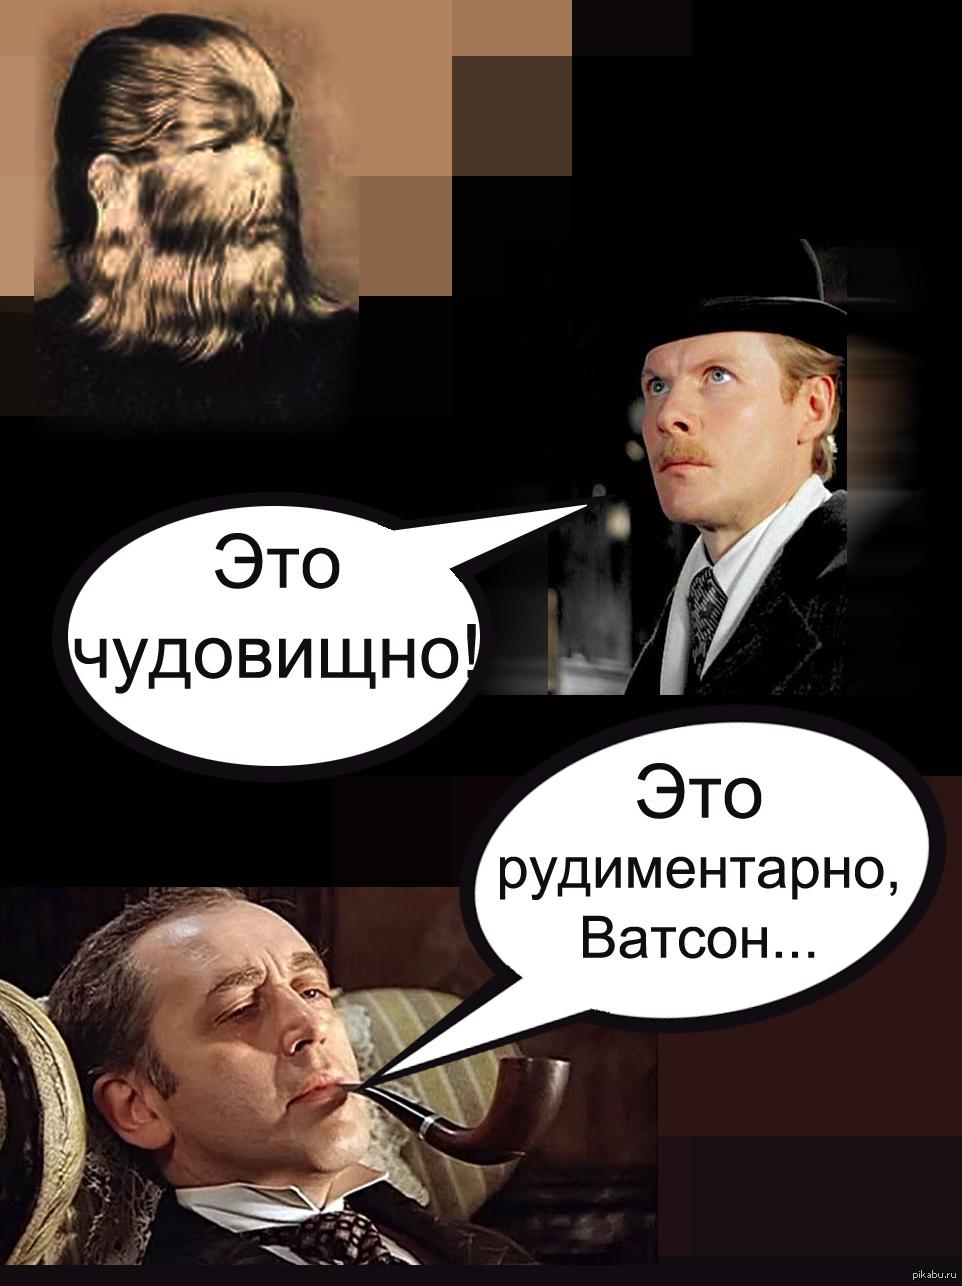 Шерлок и ватсон приколы картинки, машинка для